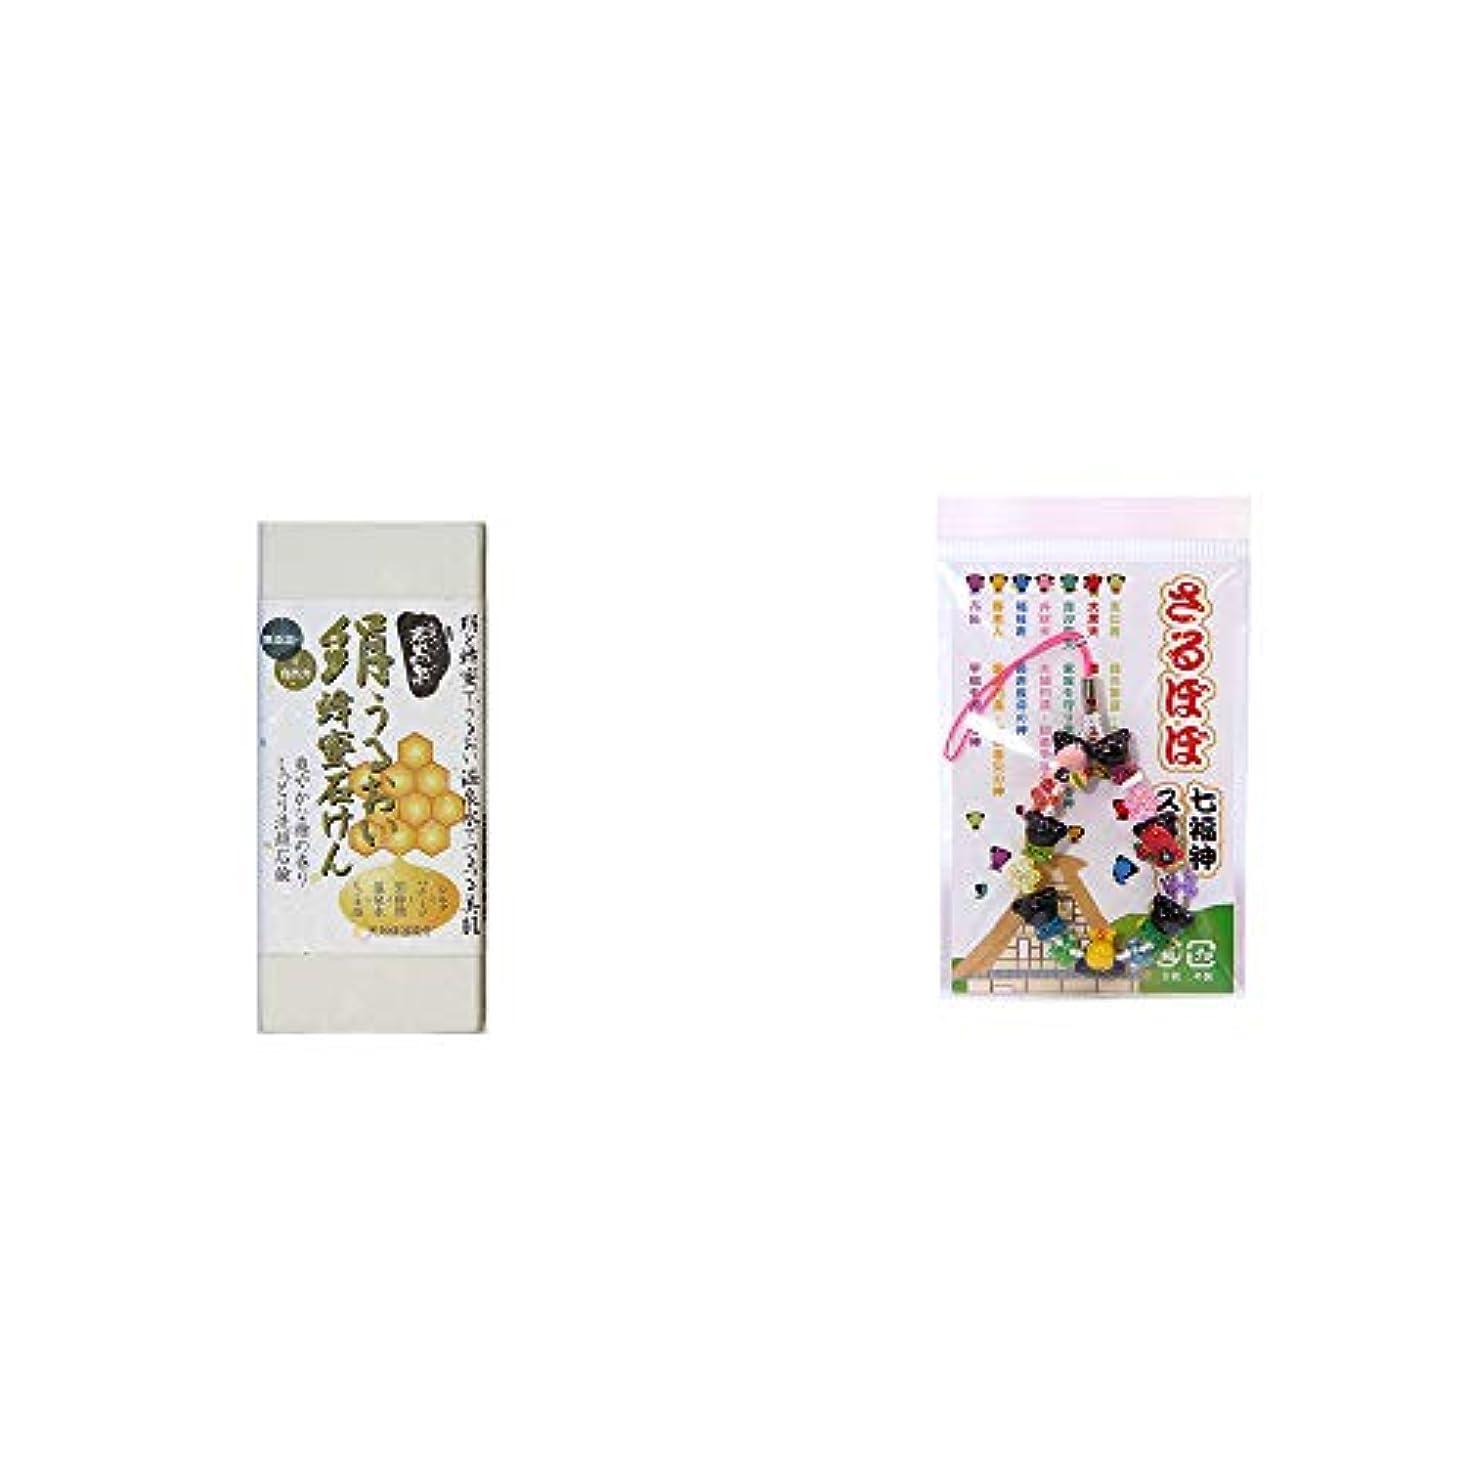 歩行者弱まる入札[2点セット] ひのき炭黒泉 絹うるおい蜂蜜石けん(75g×2)?さるぼぼ七福神ストラップ/縁結び?魔除け //